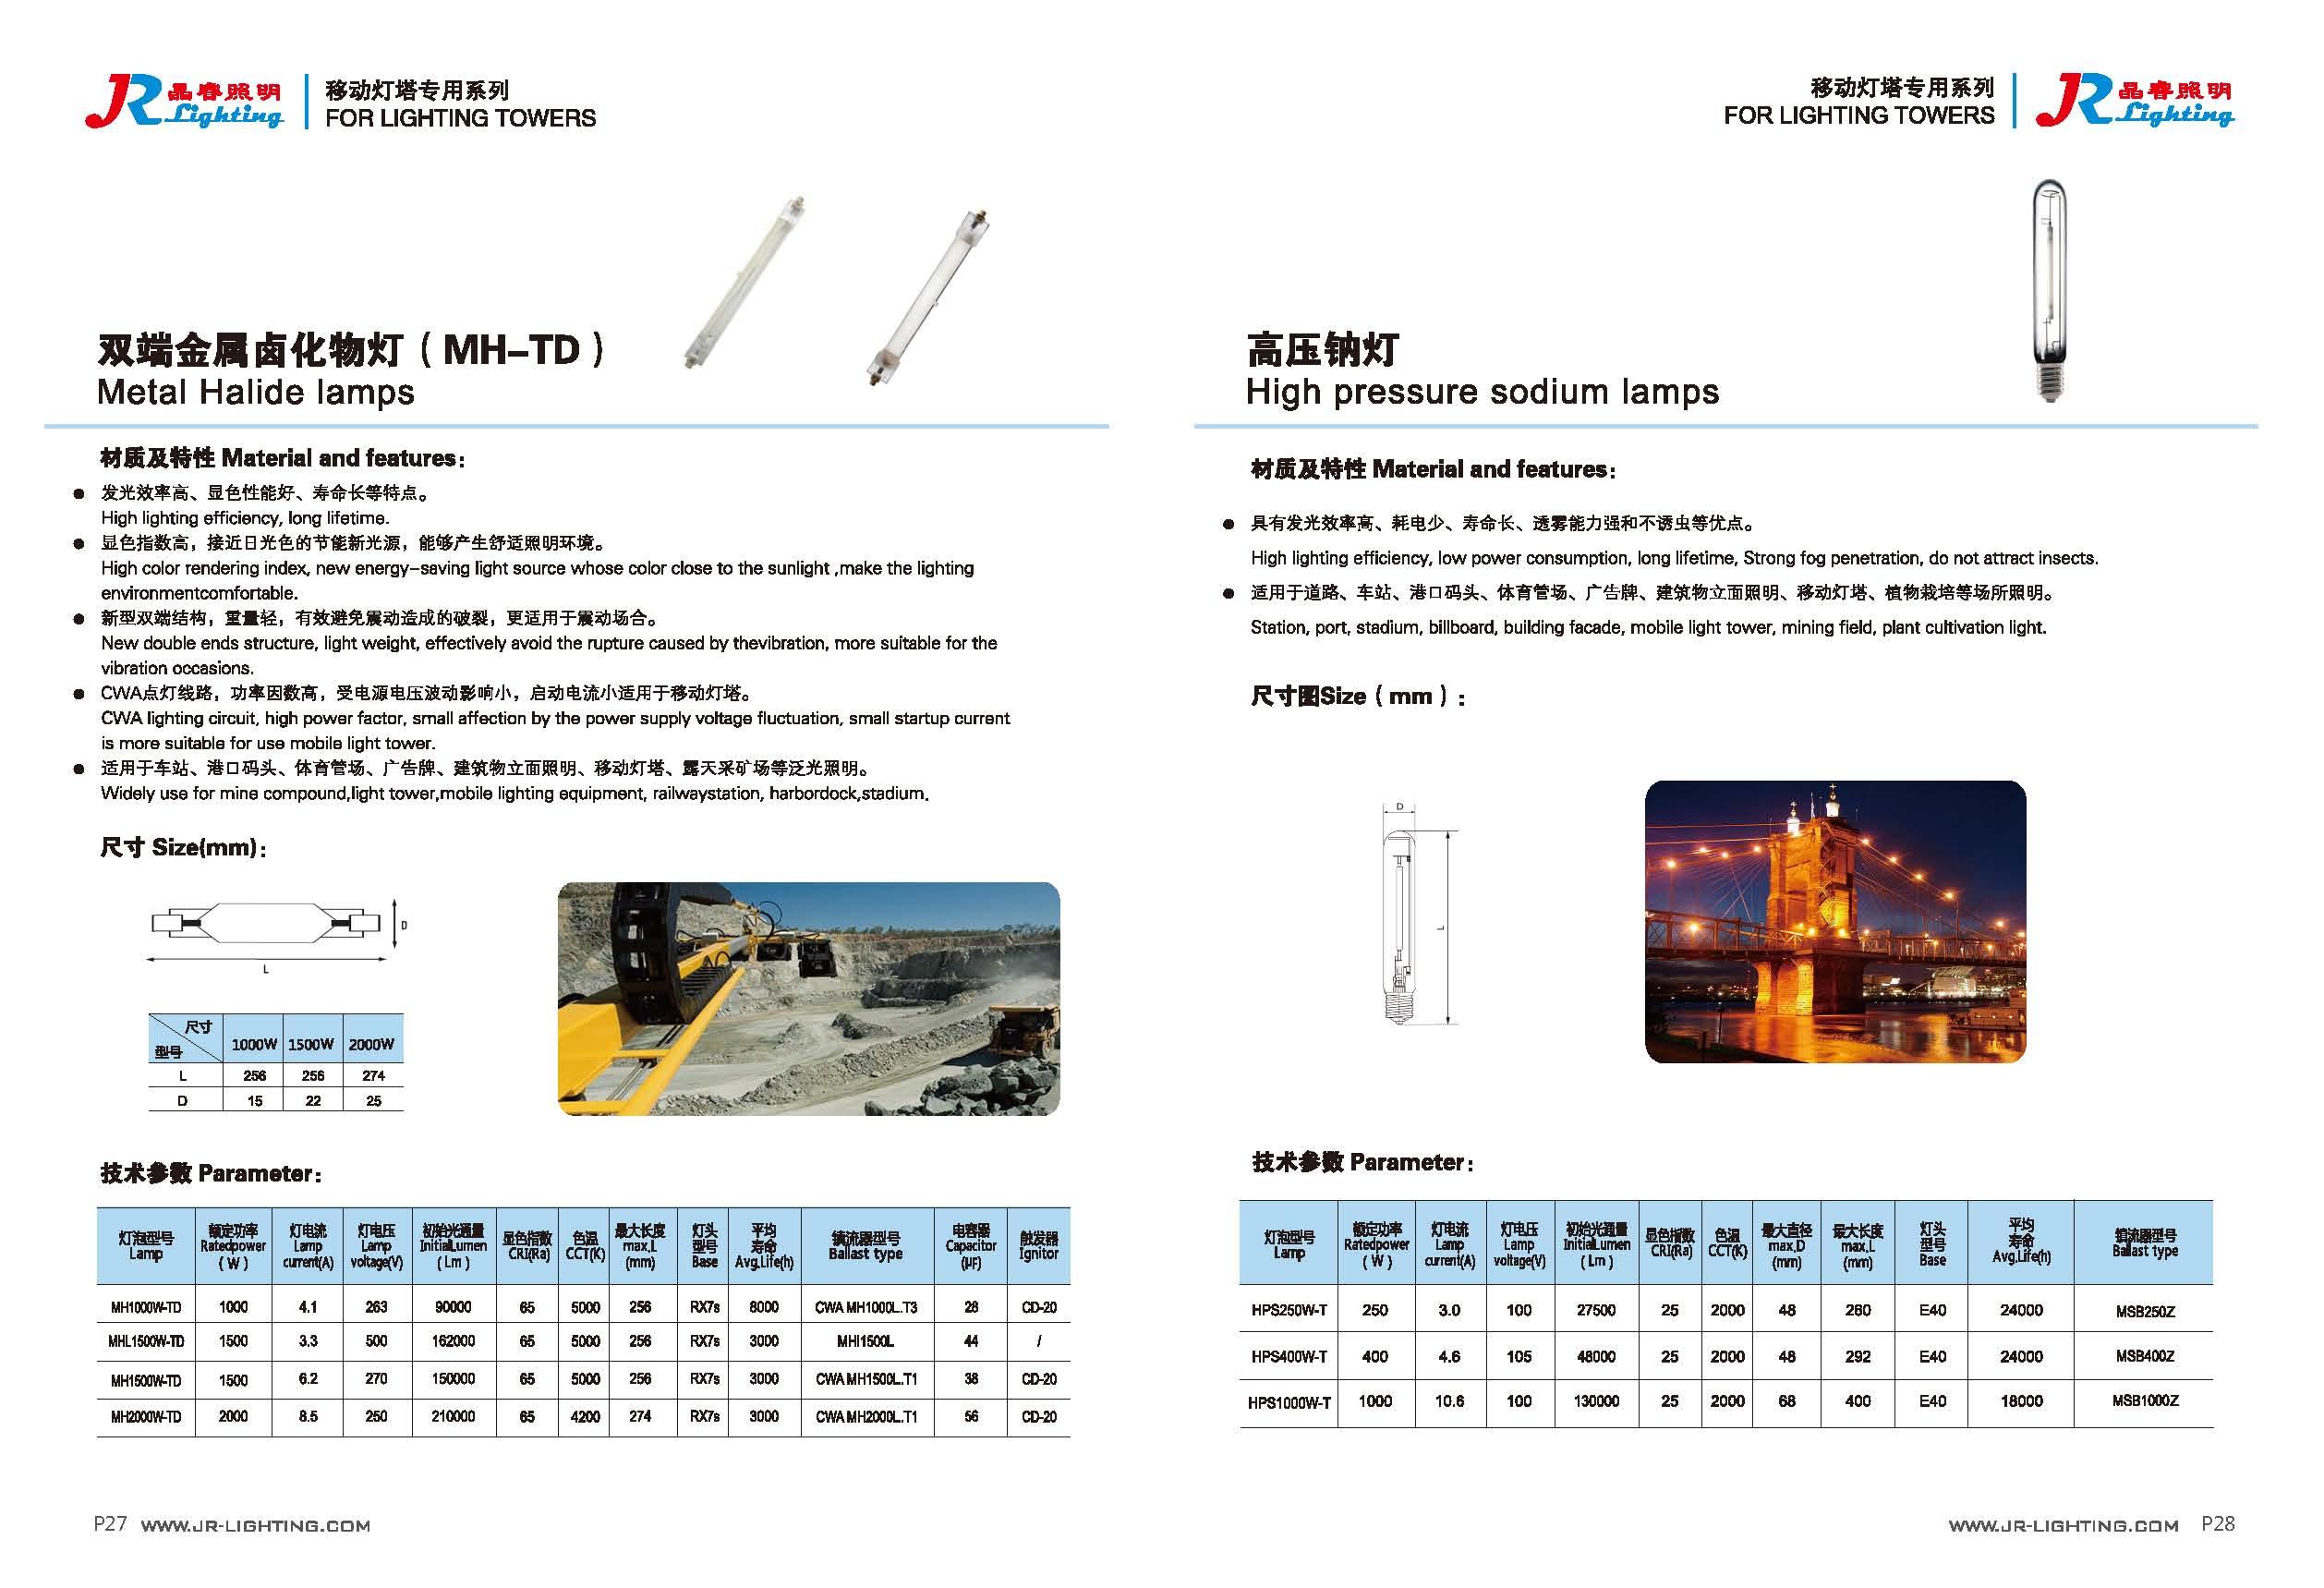 HTB1w0XwQXXXXXXYXpXXq6xXFXXX3 Luxus 400 Lumen In Watt Dekorationen